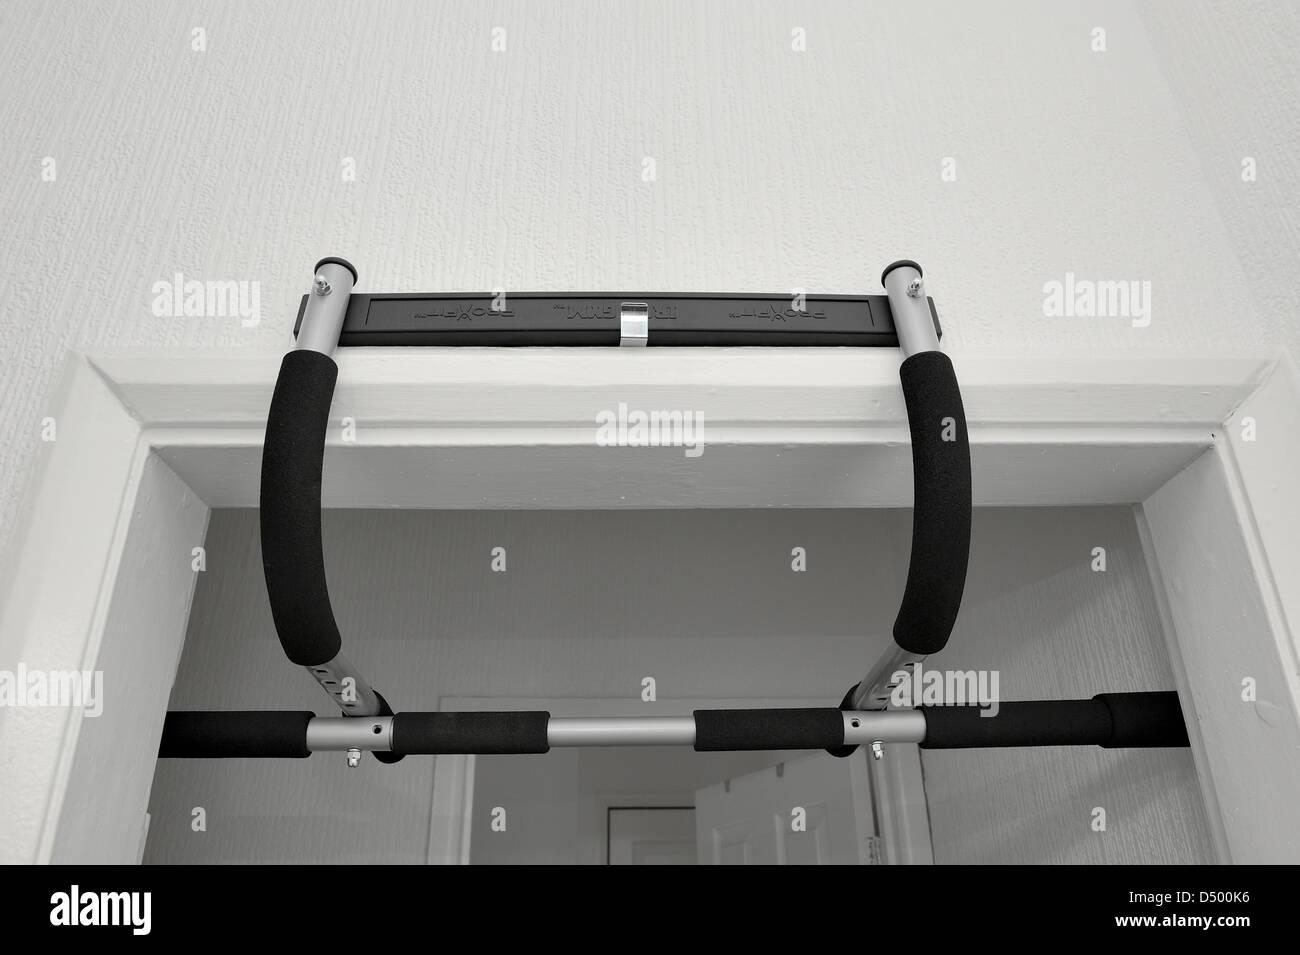 pro Fit tragbares Fitness-Studio trainieren Übung Bar an die Spitze eines Türrahmens montiert Stockbild